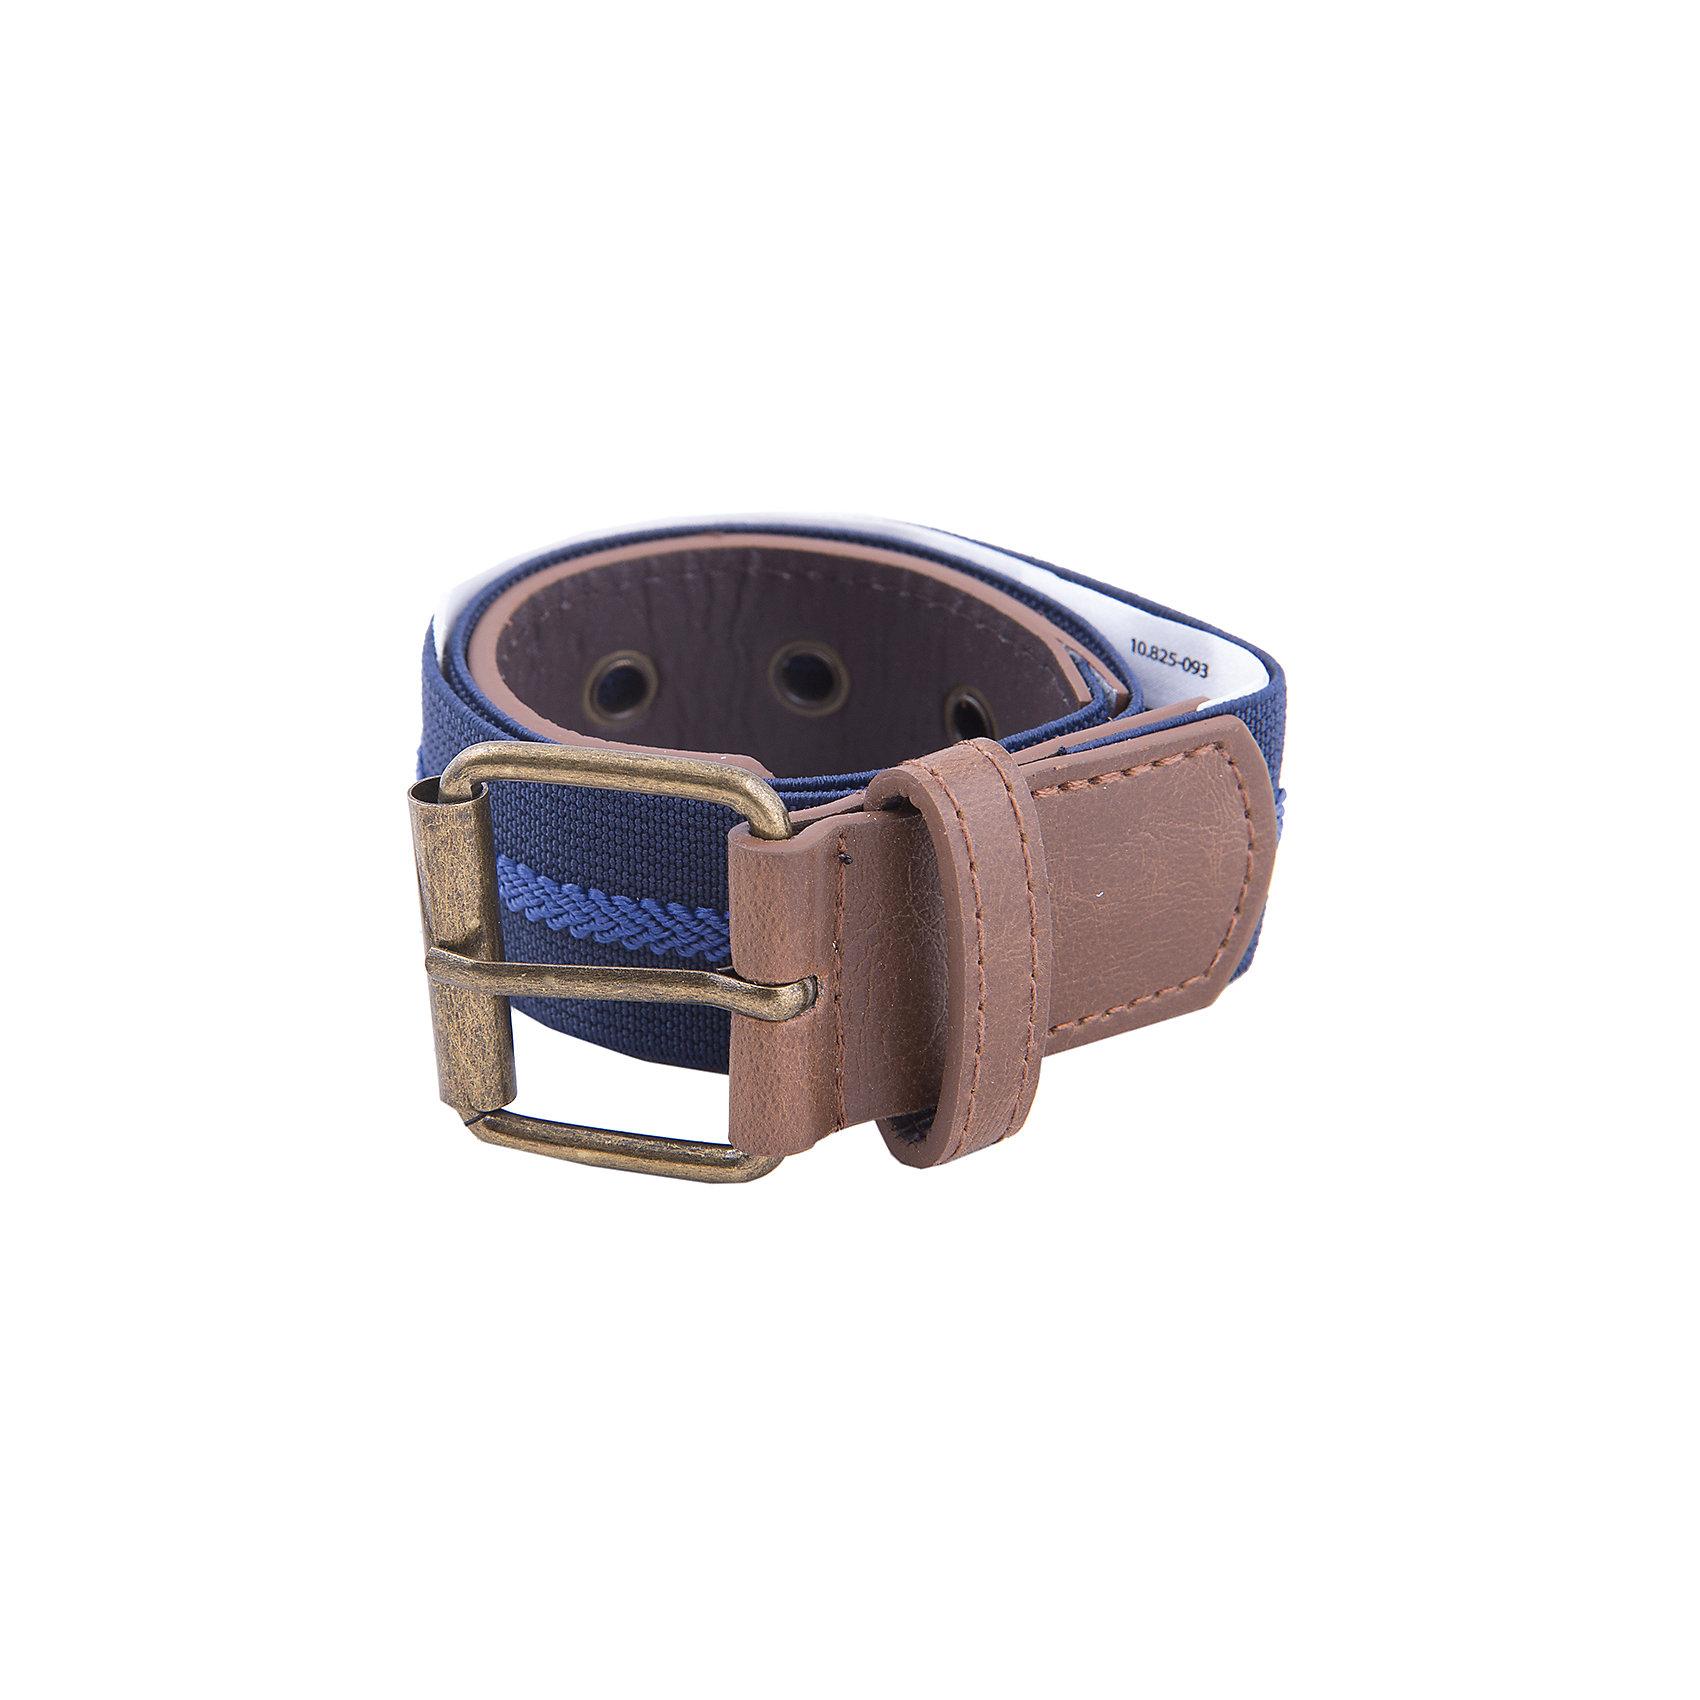 Ремень  для мальчика MayoralАксессуары<br>Ремень для мальчика от популярной испанской марки Mayoral.<br>Модный ремень Mayoral – отличный вариант универсального и стильного аксессуара. Качественный материал обеспечит комфорт при ношении этой вещи. <br>Модель имеет следующие особенности:<br><br>- сочетание текстиля и искусственной кожи;<br>- цвет: синий, коричневый.<br><br>Ремень для мальчика Mayoral (Майорал) можно купить в нашем магазине.<br><br>Ширина мм: 215<br>Глубина мм: 88<br>Высота мм: 191<br>Вес г: 336<br>Цвет: фиолетовый<br>Возраст от месяцев: 84<br>Возраст до месяцев: 96<br>Пол: Мужской<br>Возраст: Детский<br>Размер: 128,92,140,116,104<br>SKU: 4190595